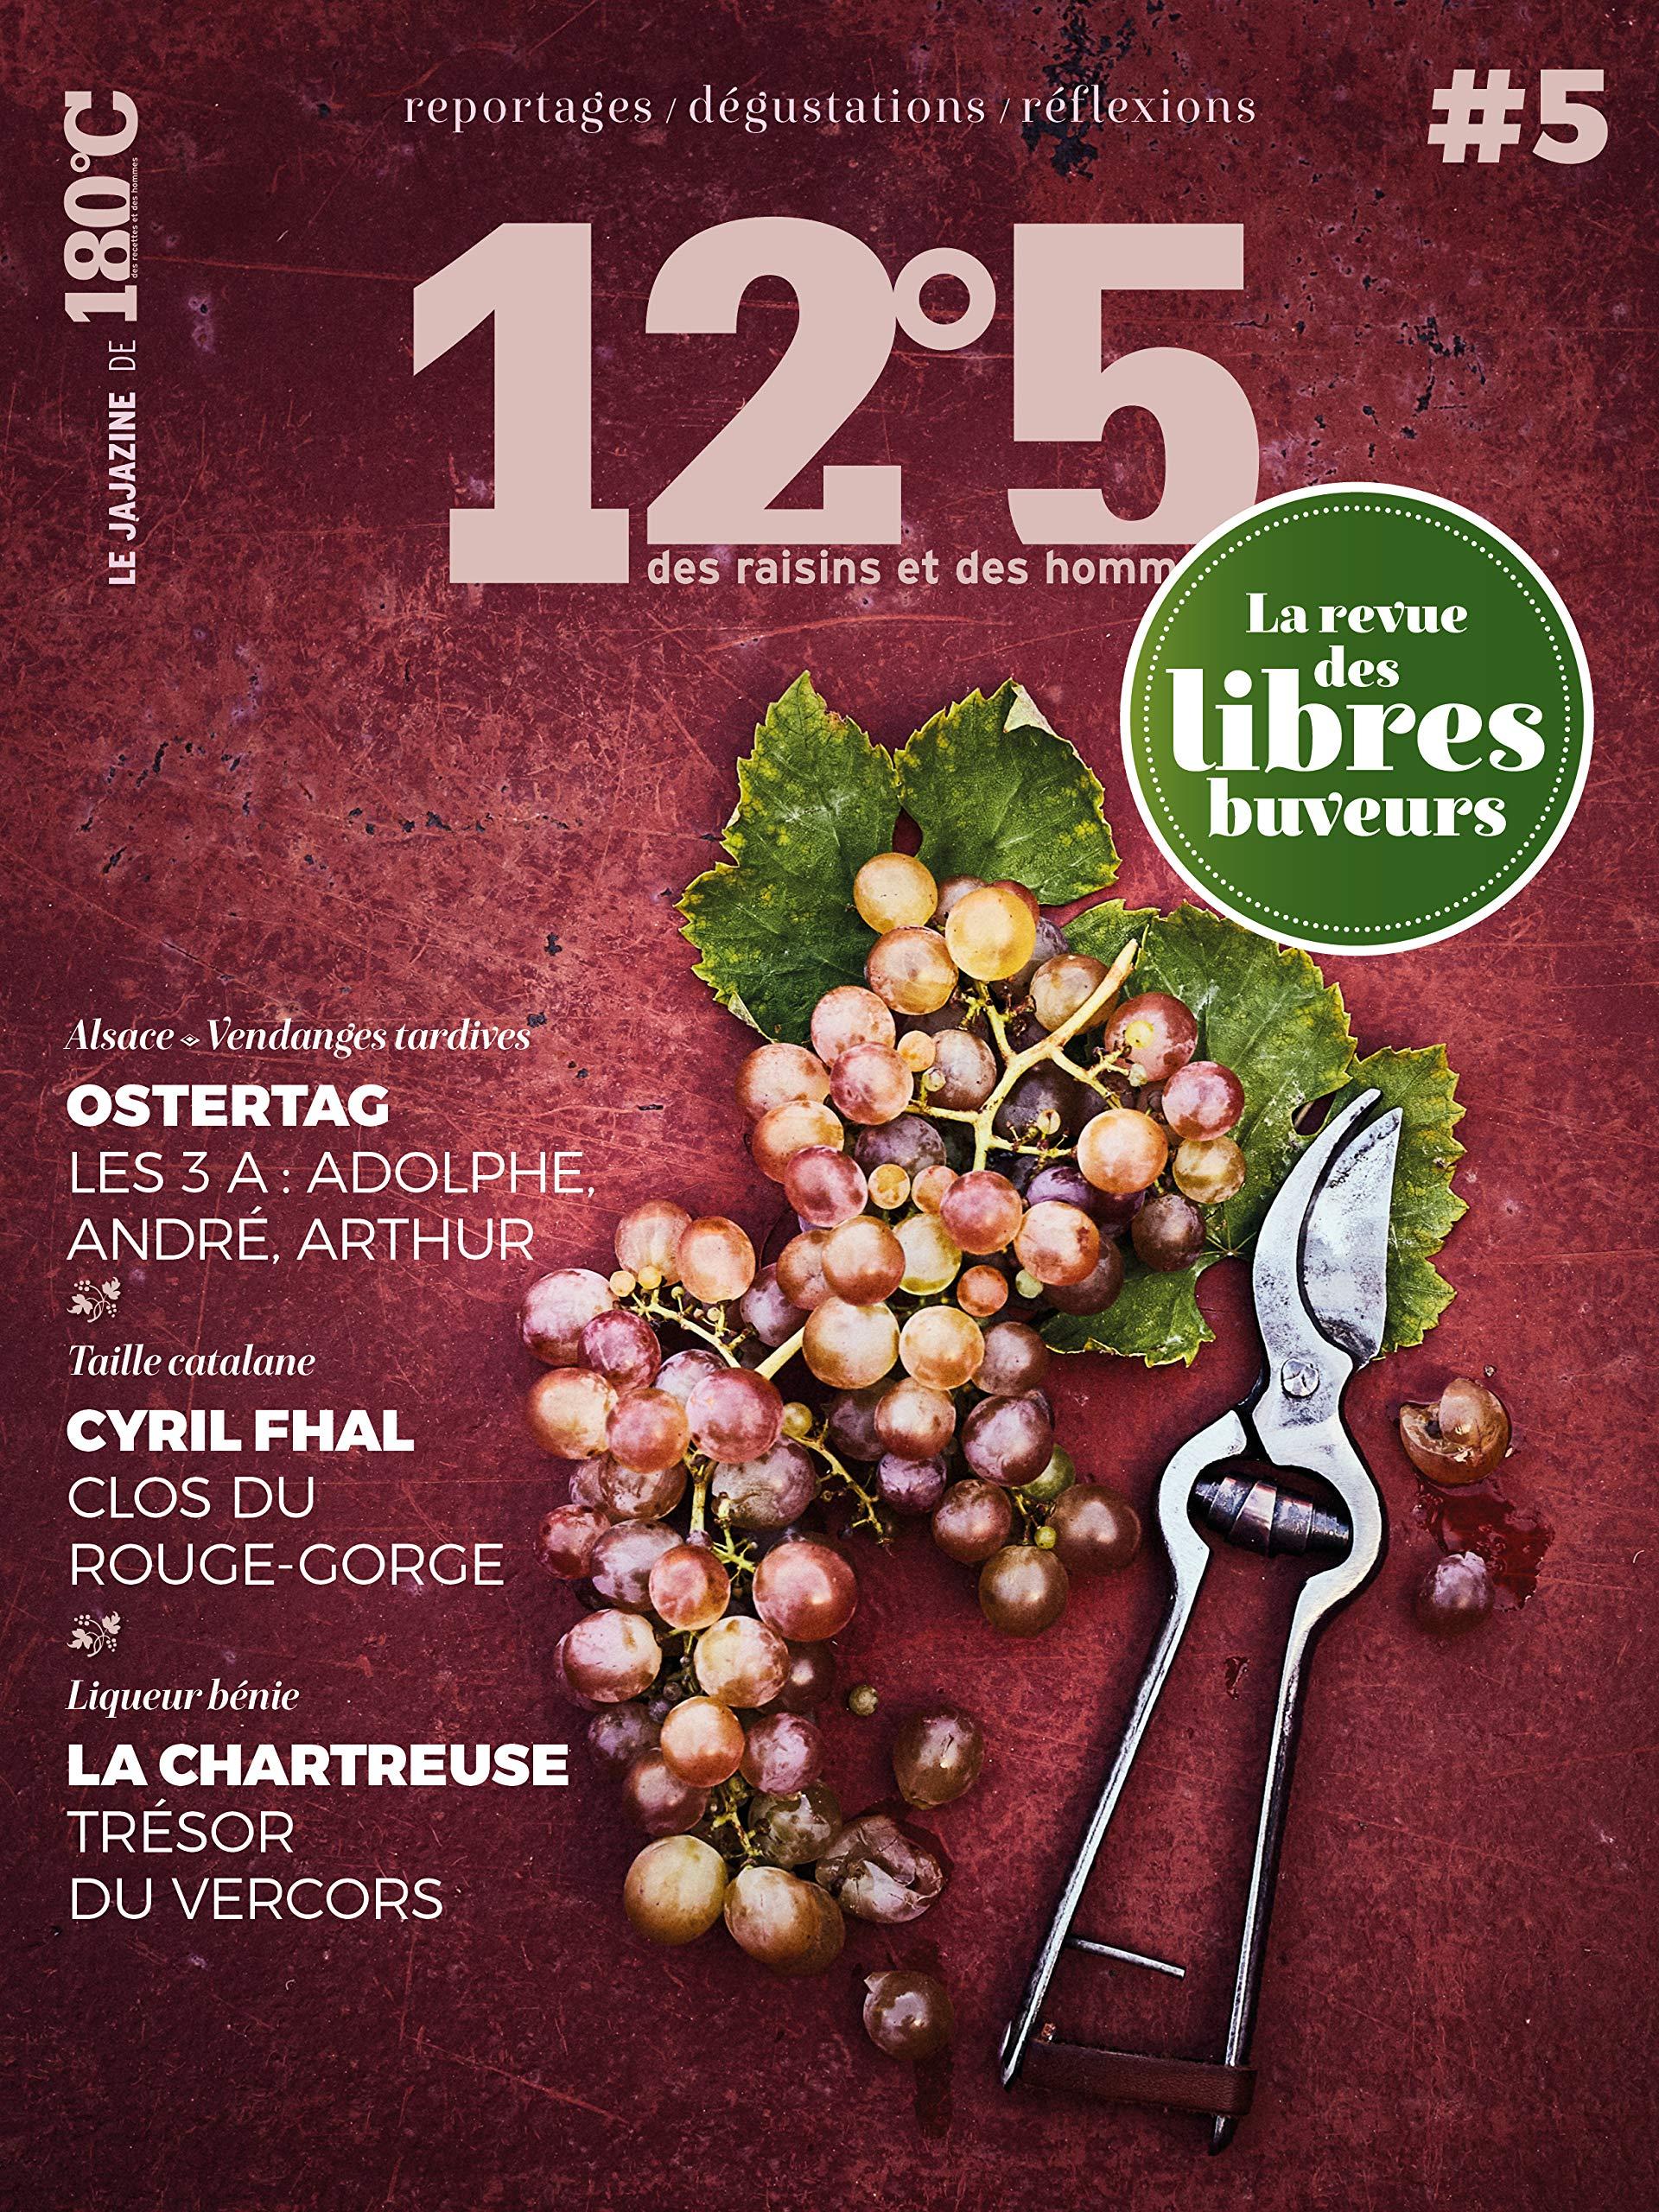 Des raisins et des hommes n°5